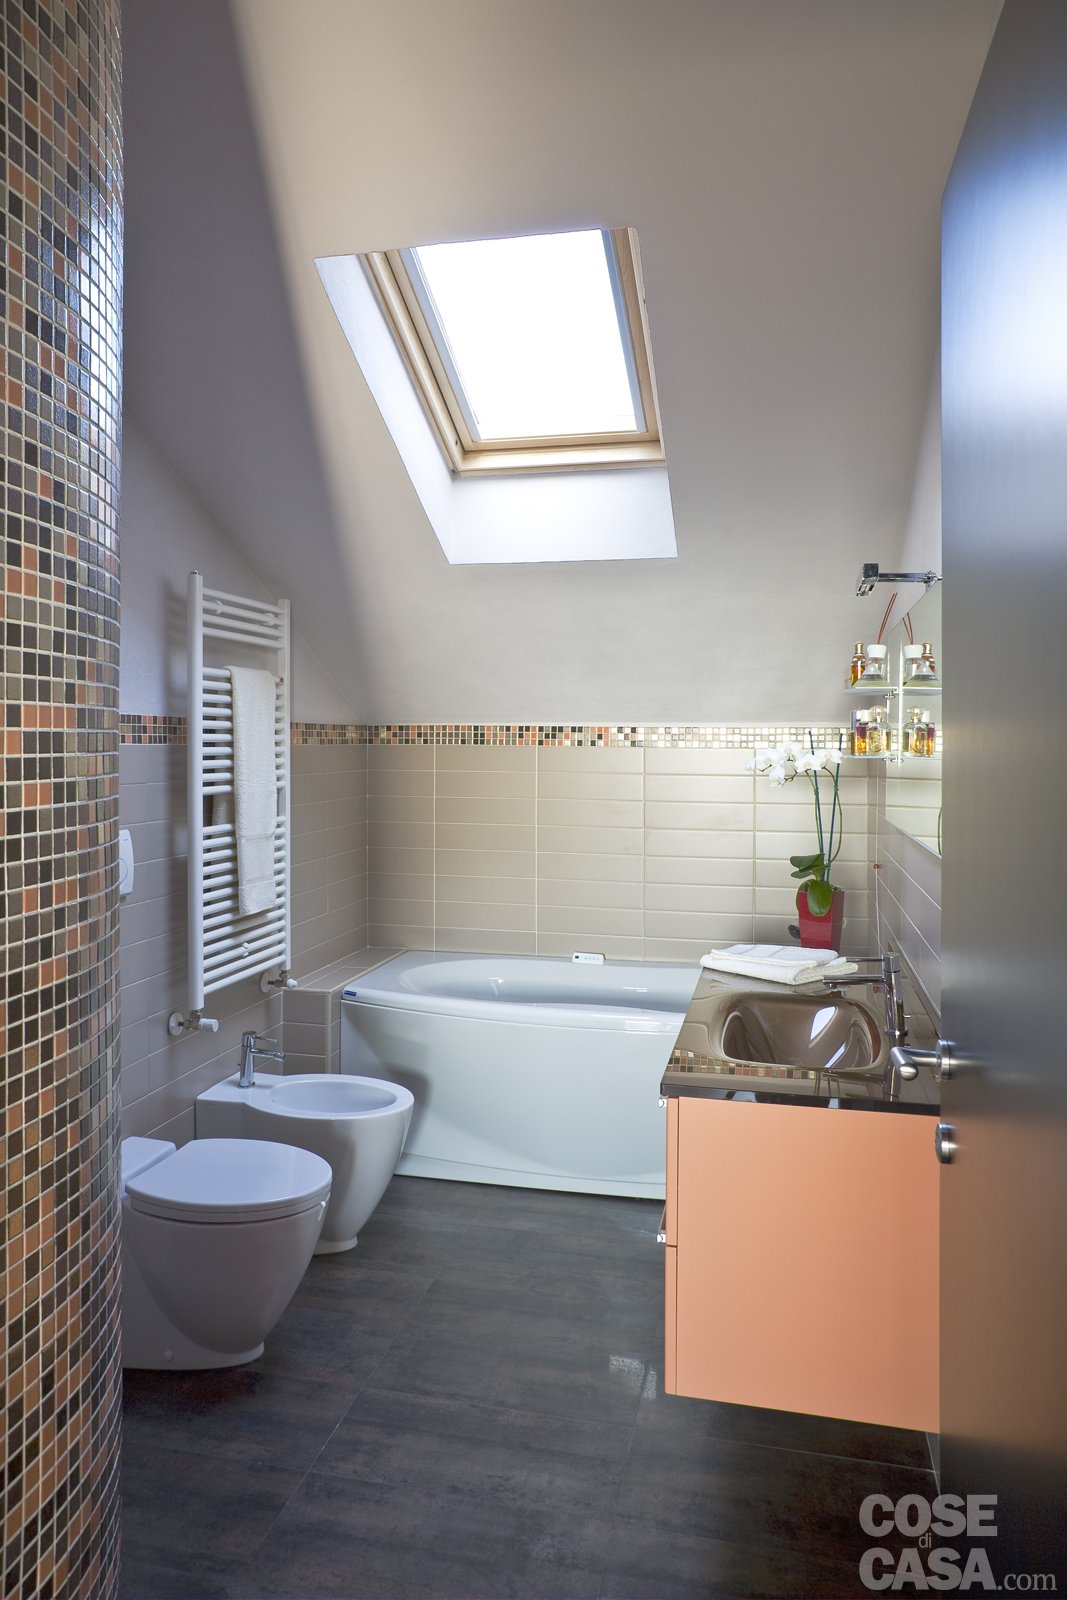 Casa in mansarda con le soluzioni giuste per gli spazi bassi cose di casa - Bagno sottotetto ...